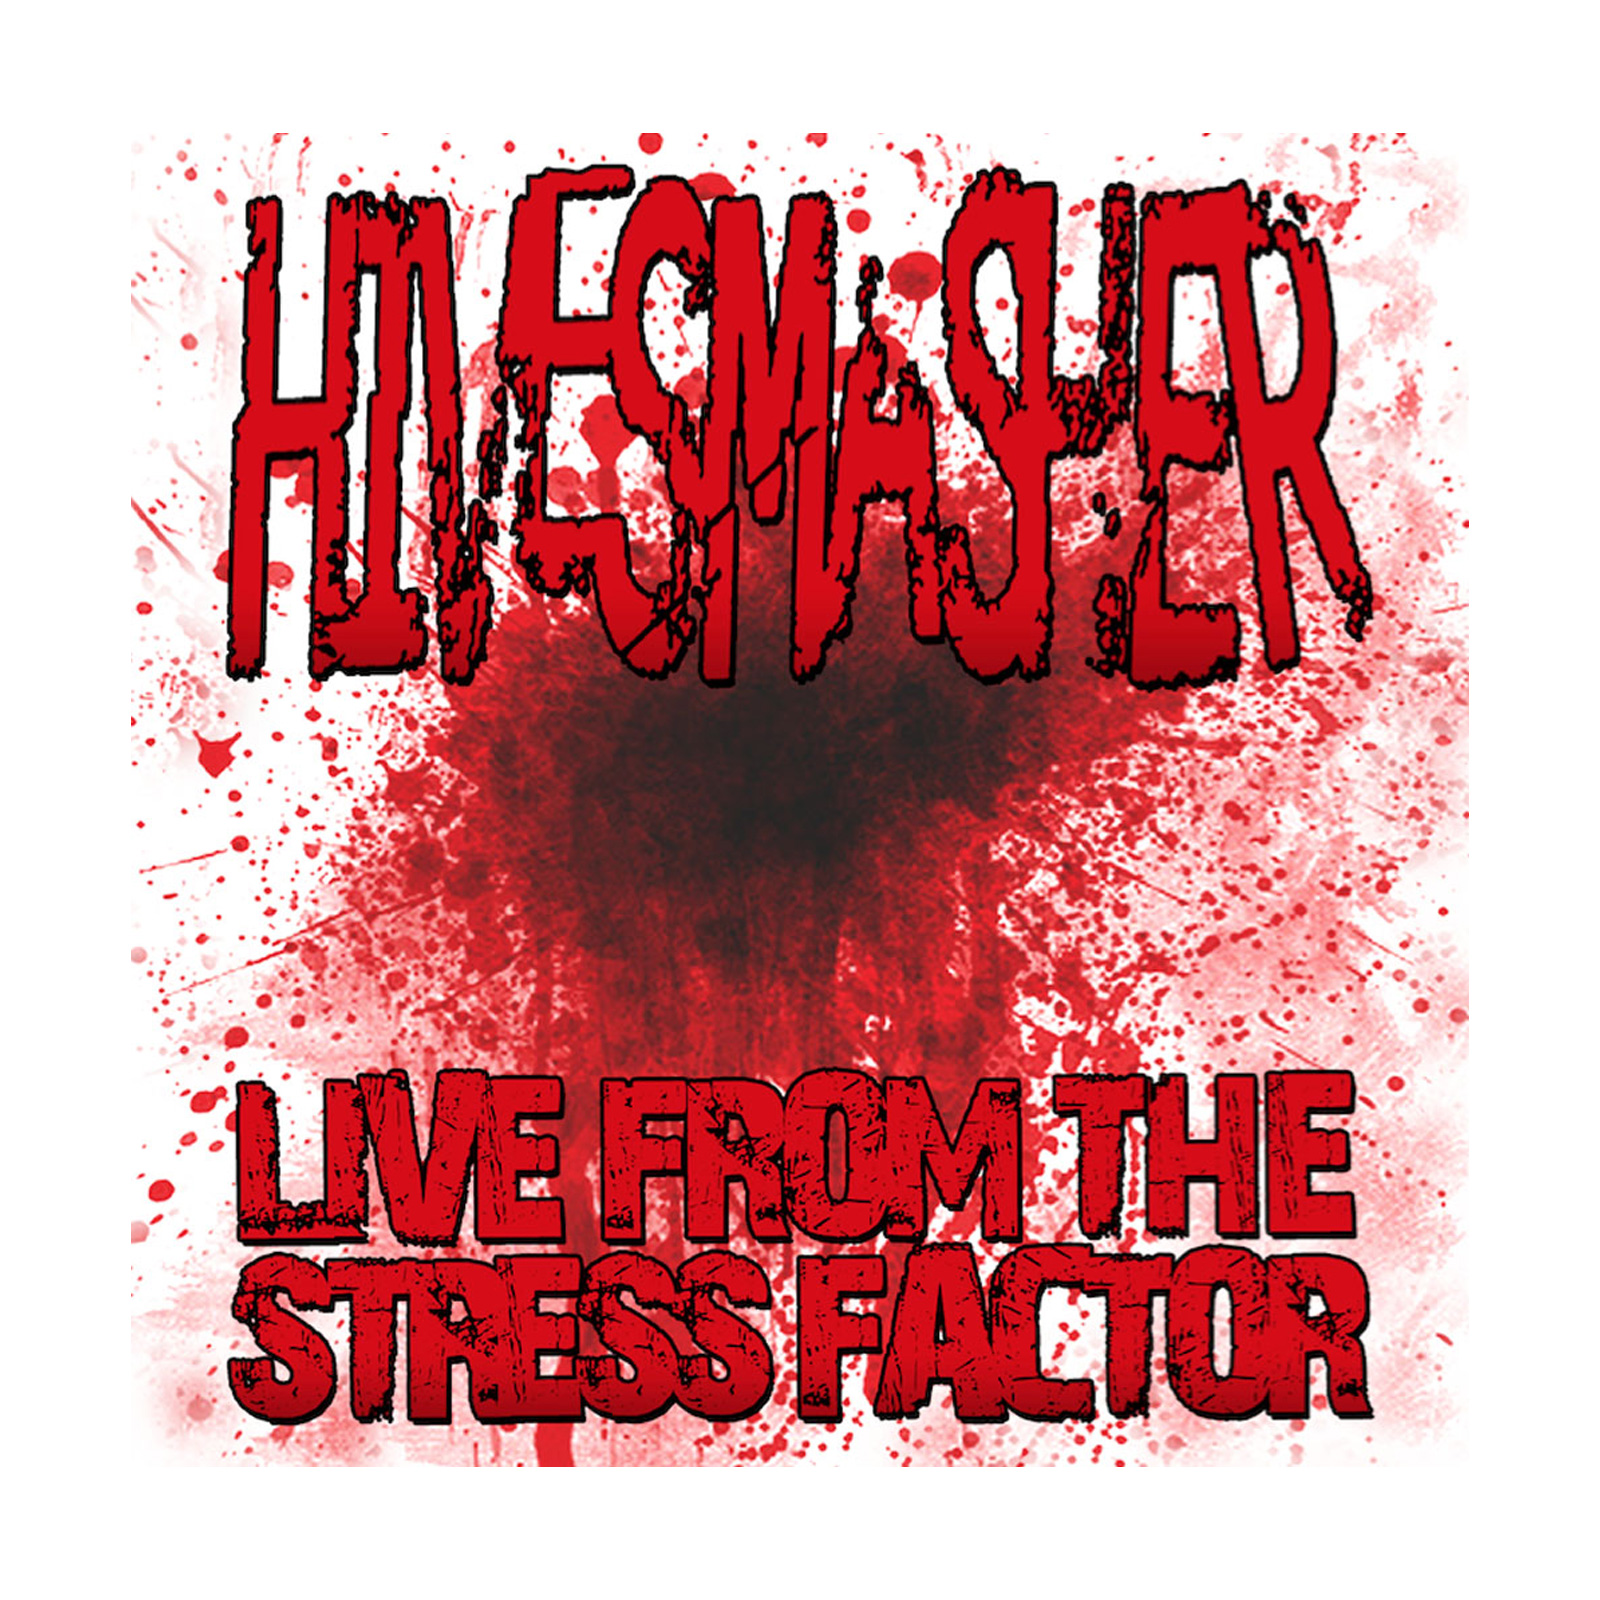 Hivesmasher Live at the Stress Factor Live Set Artwork